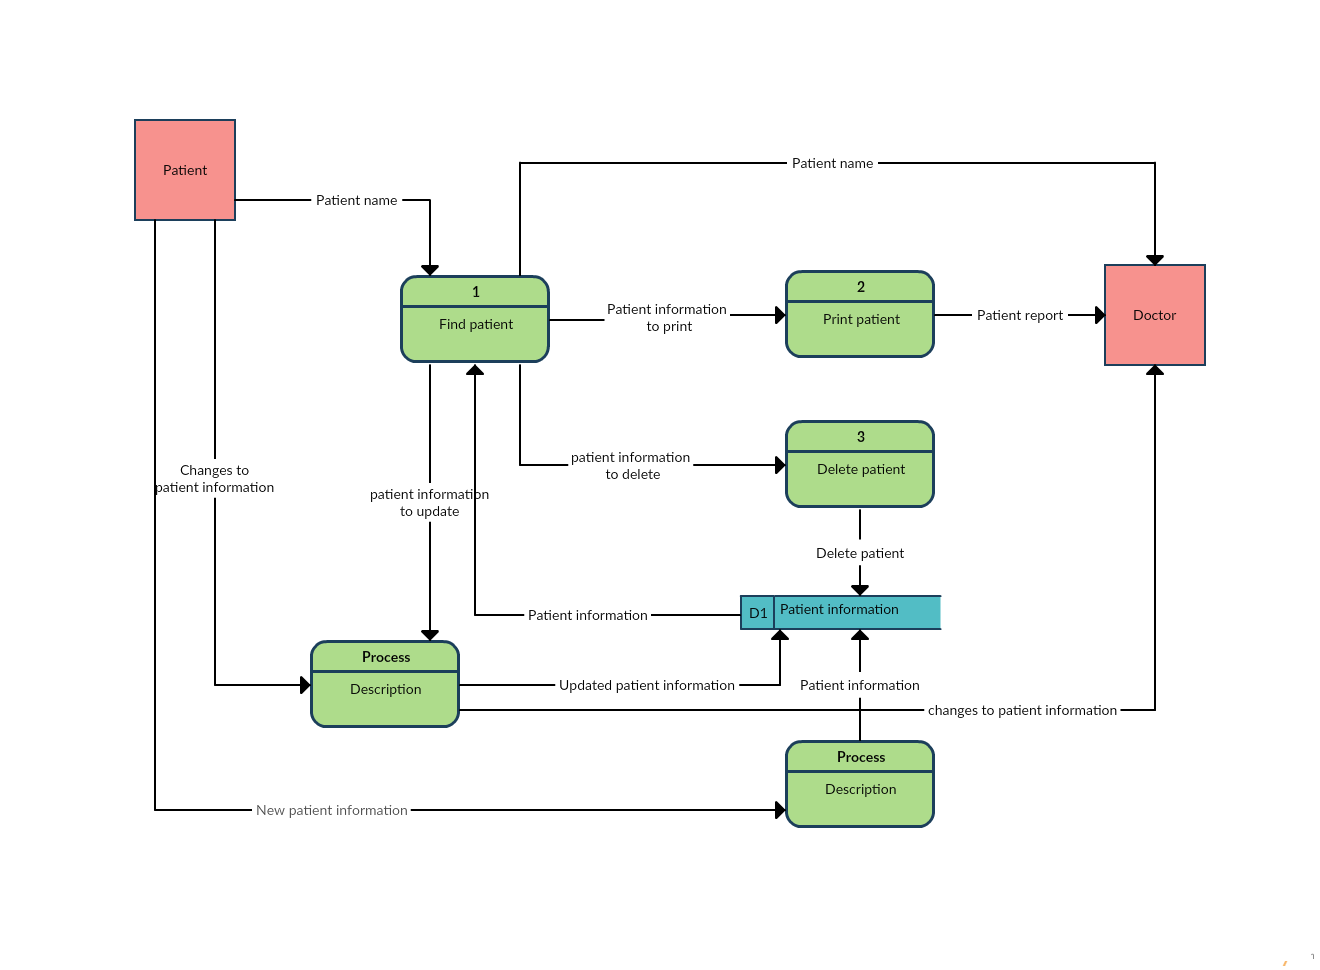 Data Flow Diagram Template Of A Patient Information System Data Flow Diagram Flow Chart Template Flow Chart